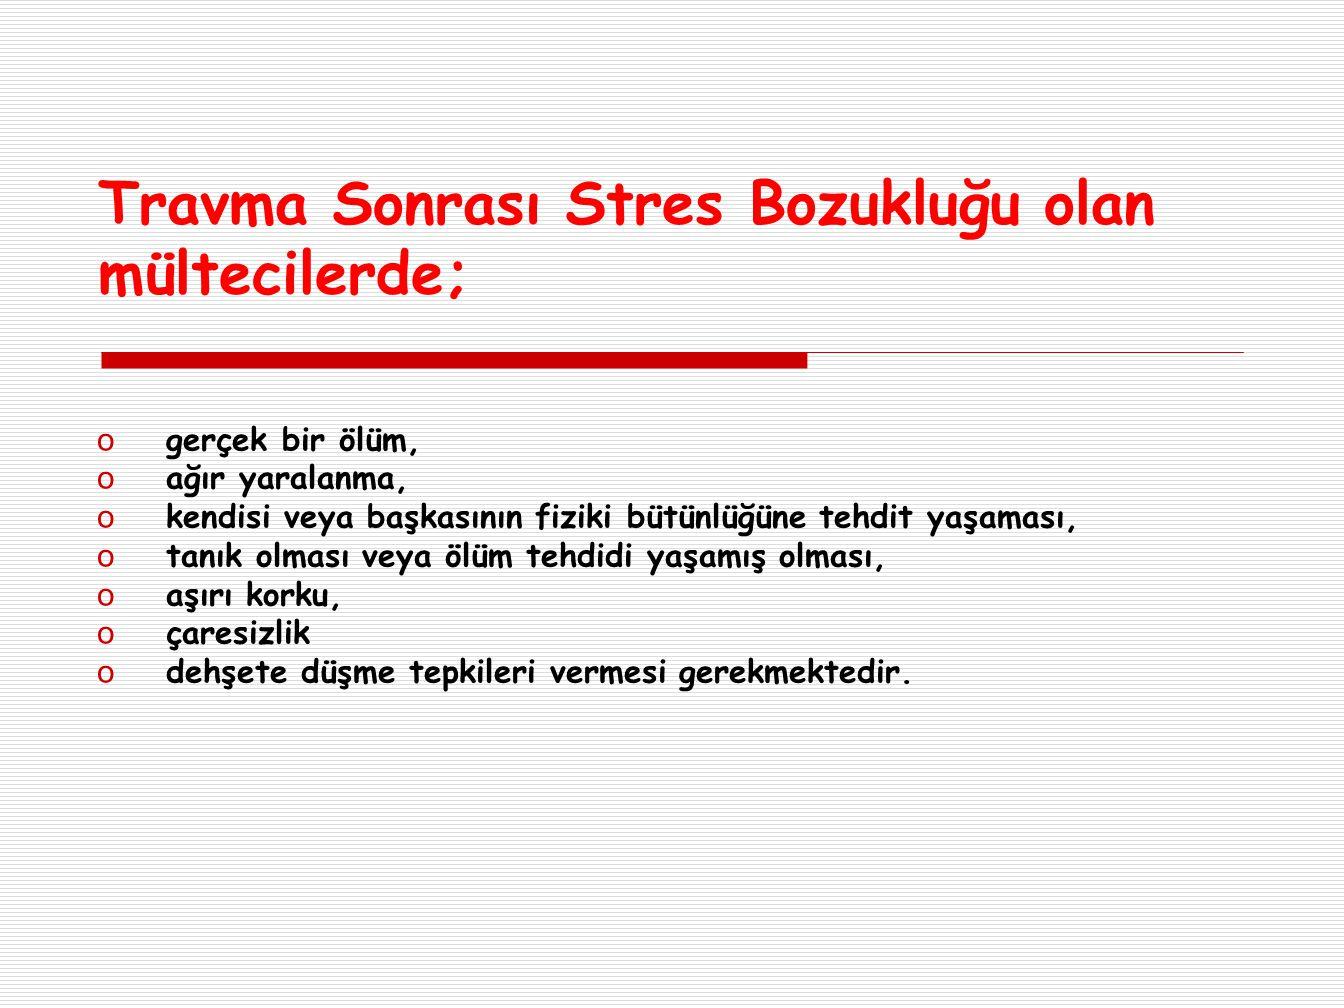 Travma Sonrası Stres Bozukluğu olan mültecilerde;